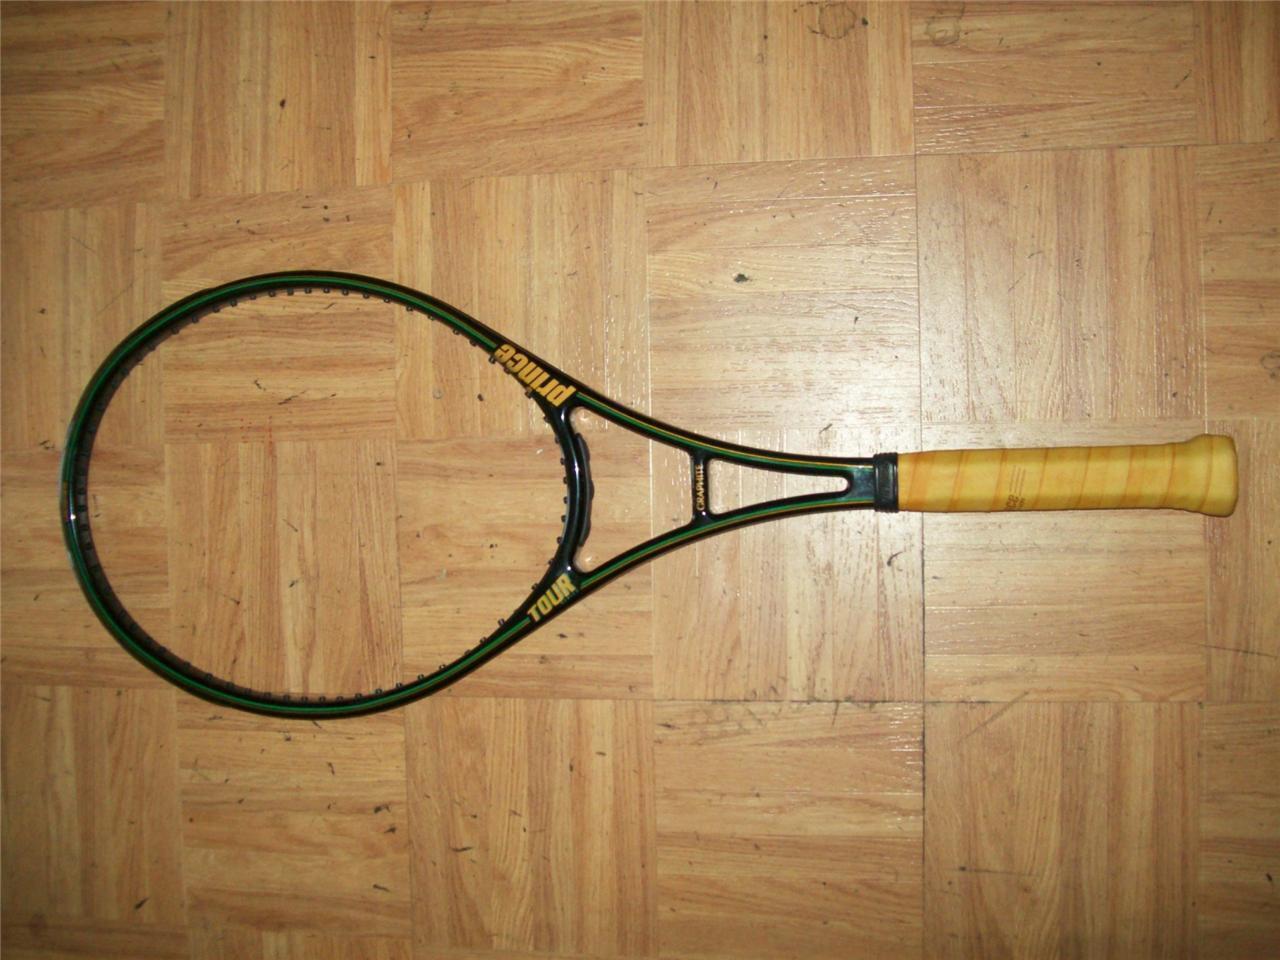 Prince Graphite Tour Midsize 93 head 4 1 4 grip great shape Tennis Racquet